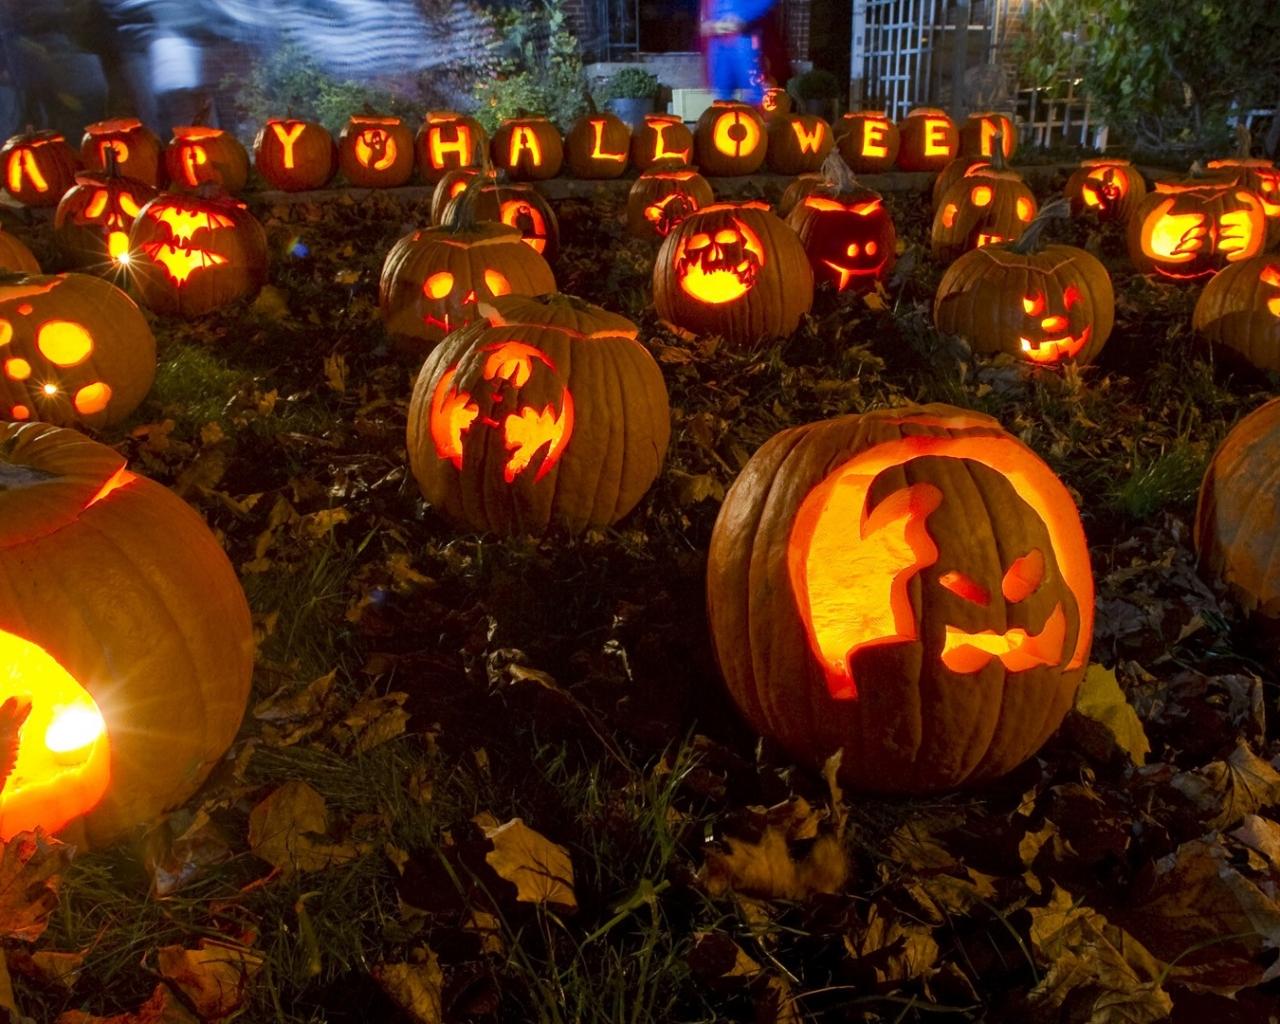 Calabazas para Halloween - 1280x1024